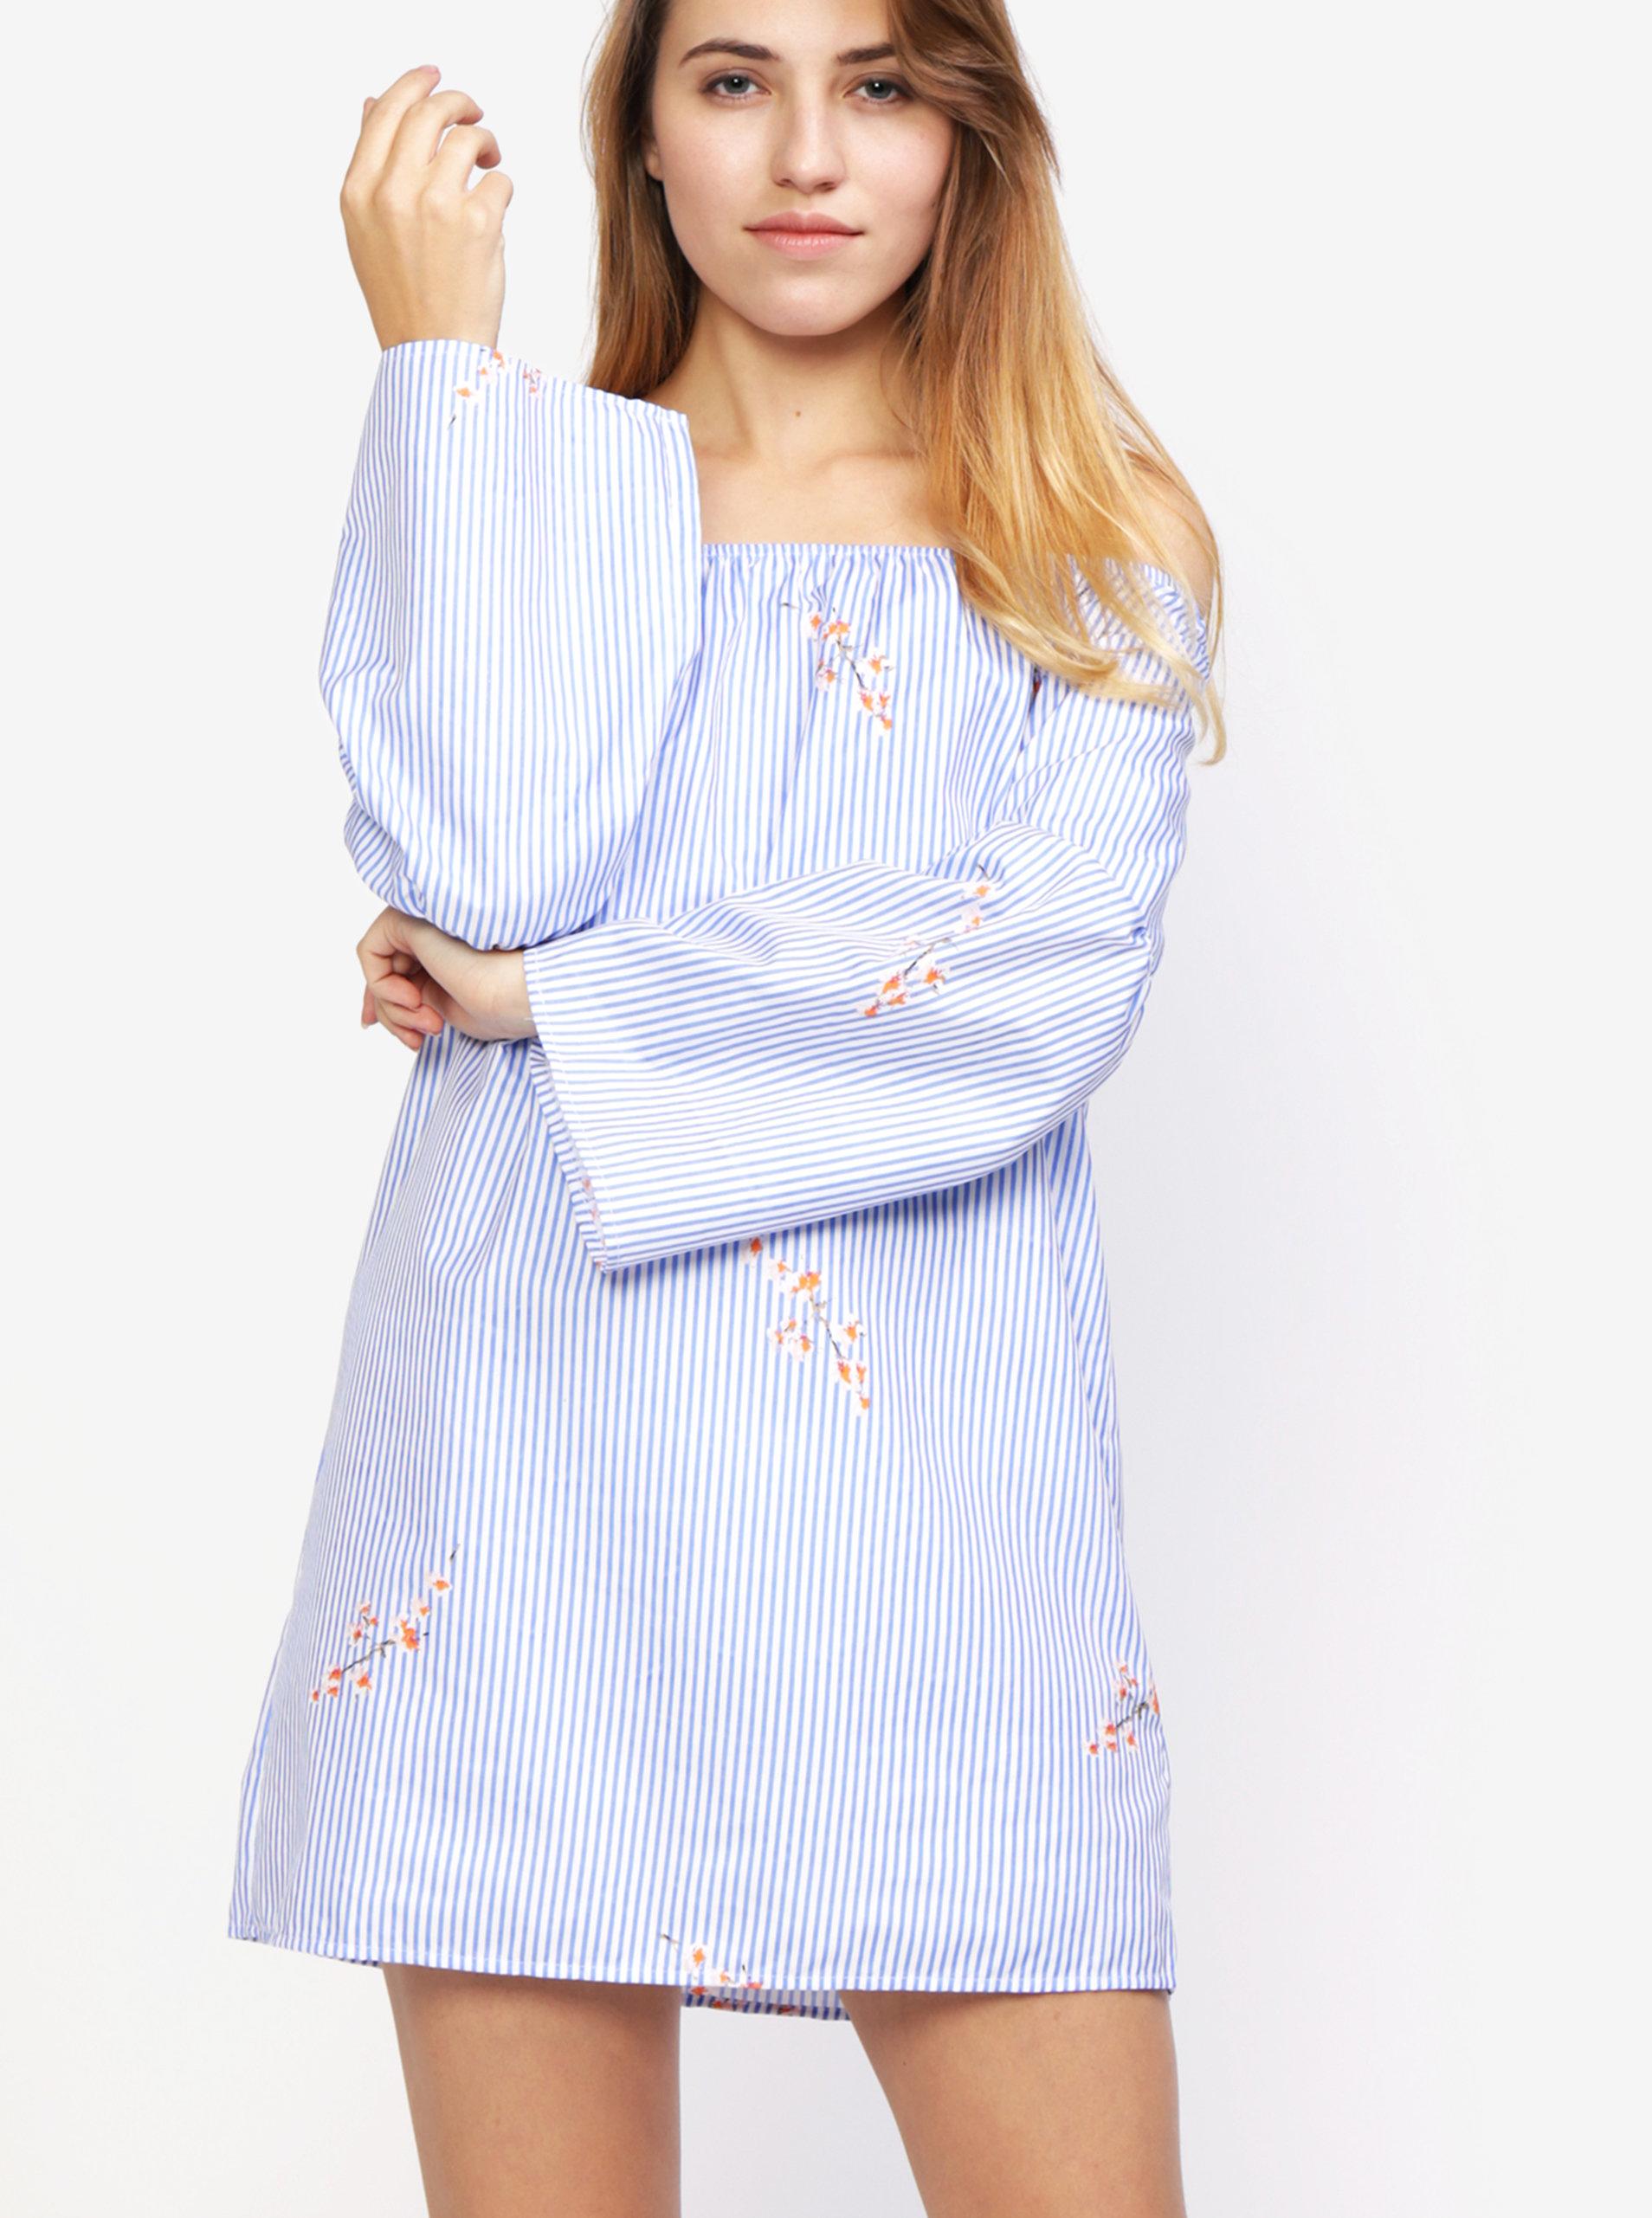 fe7123cfb7ef Modro-biele pruhované šaty s odhalenými ramenami MISSGUIDED ...